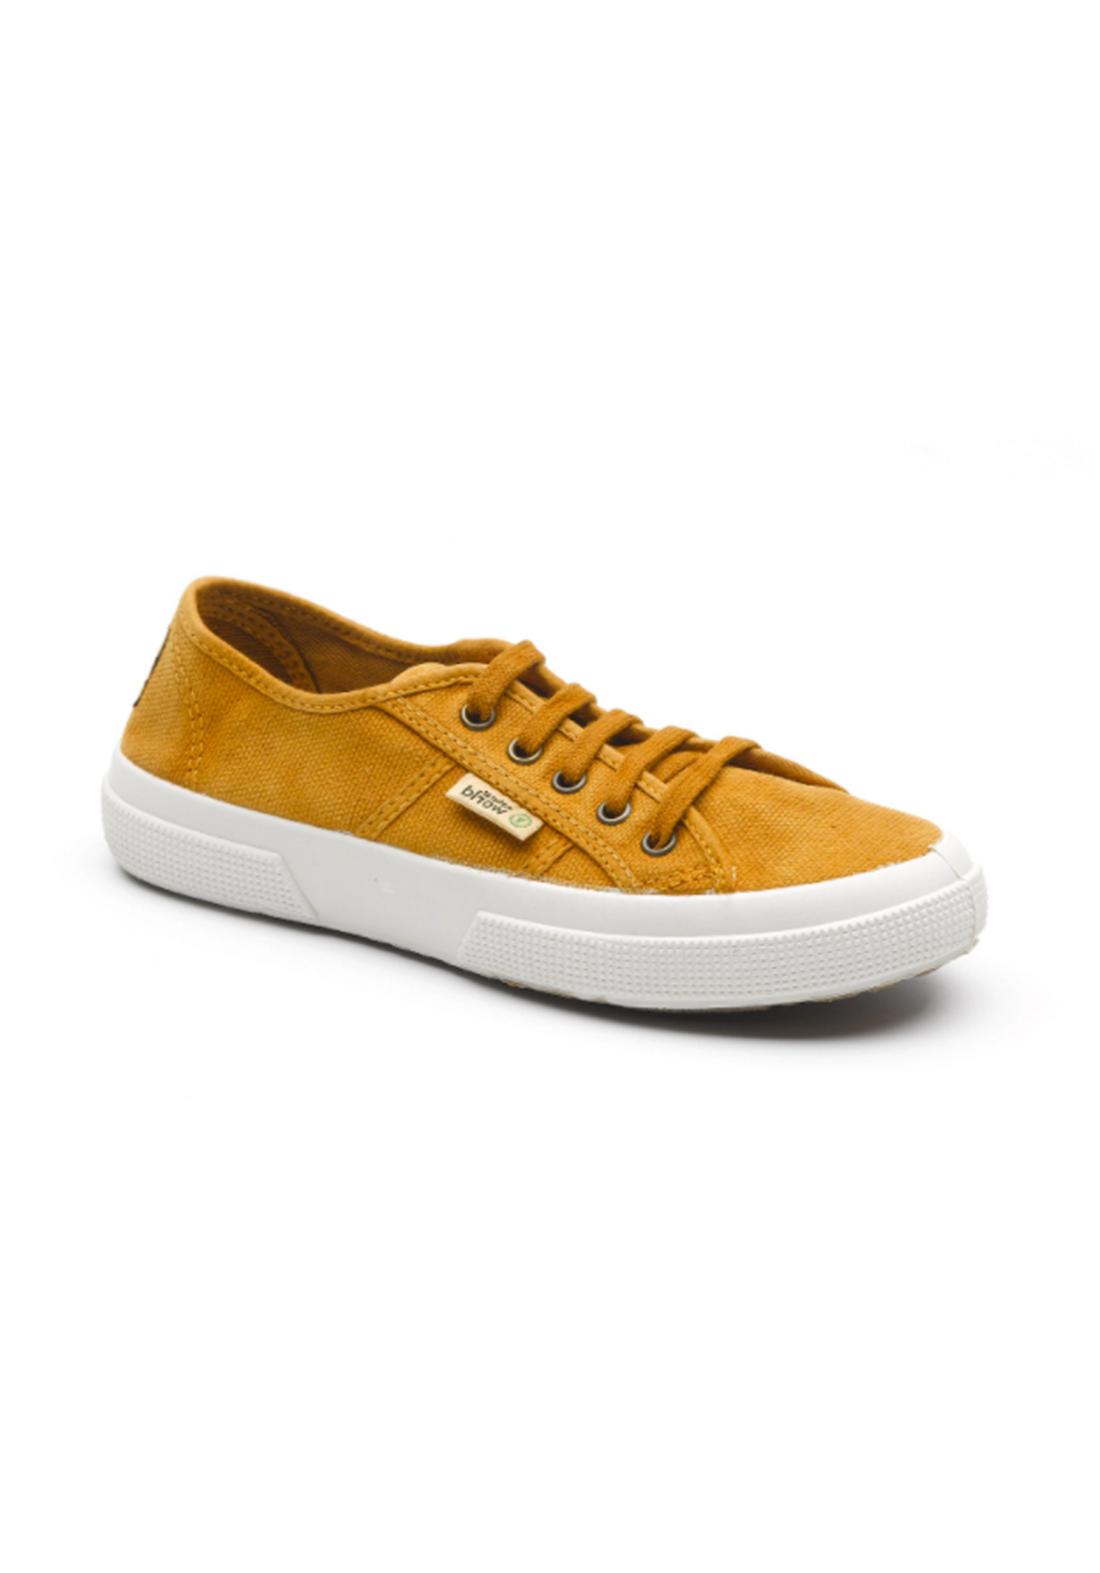 World Natural Eco حذاء كاجول اصفر اللون من